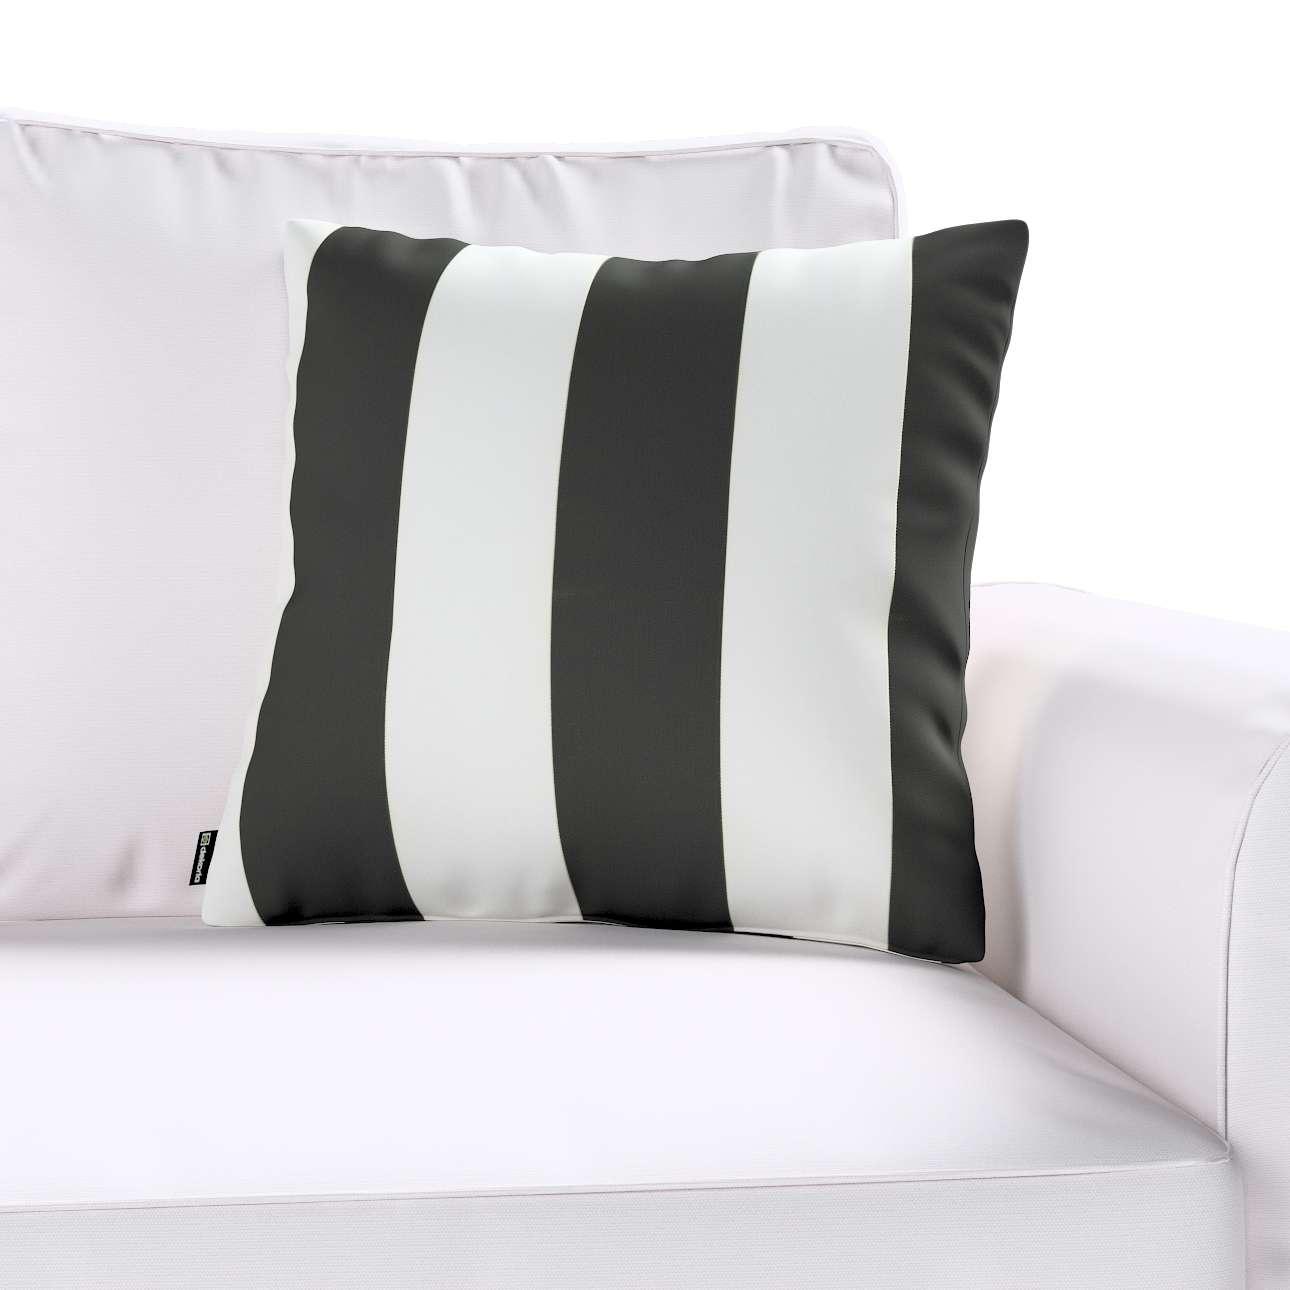 Kinga dekoratyvinės pagalvėlės užvalkalas 43 x 43 cm kolekcijoje Comics Prints, audinys: 137-53